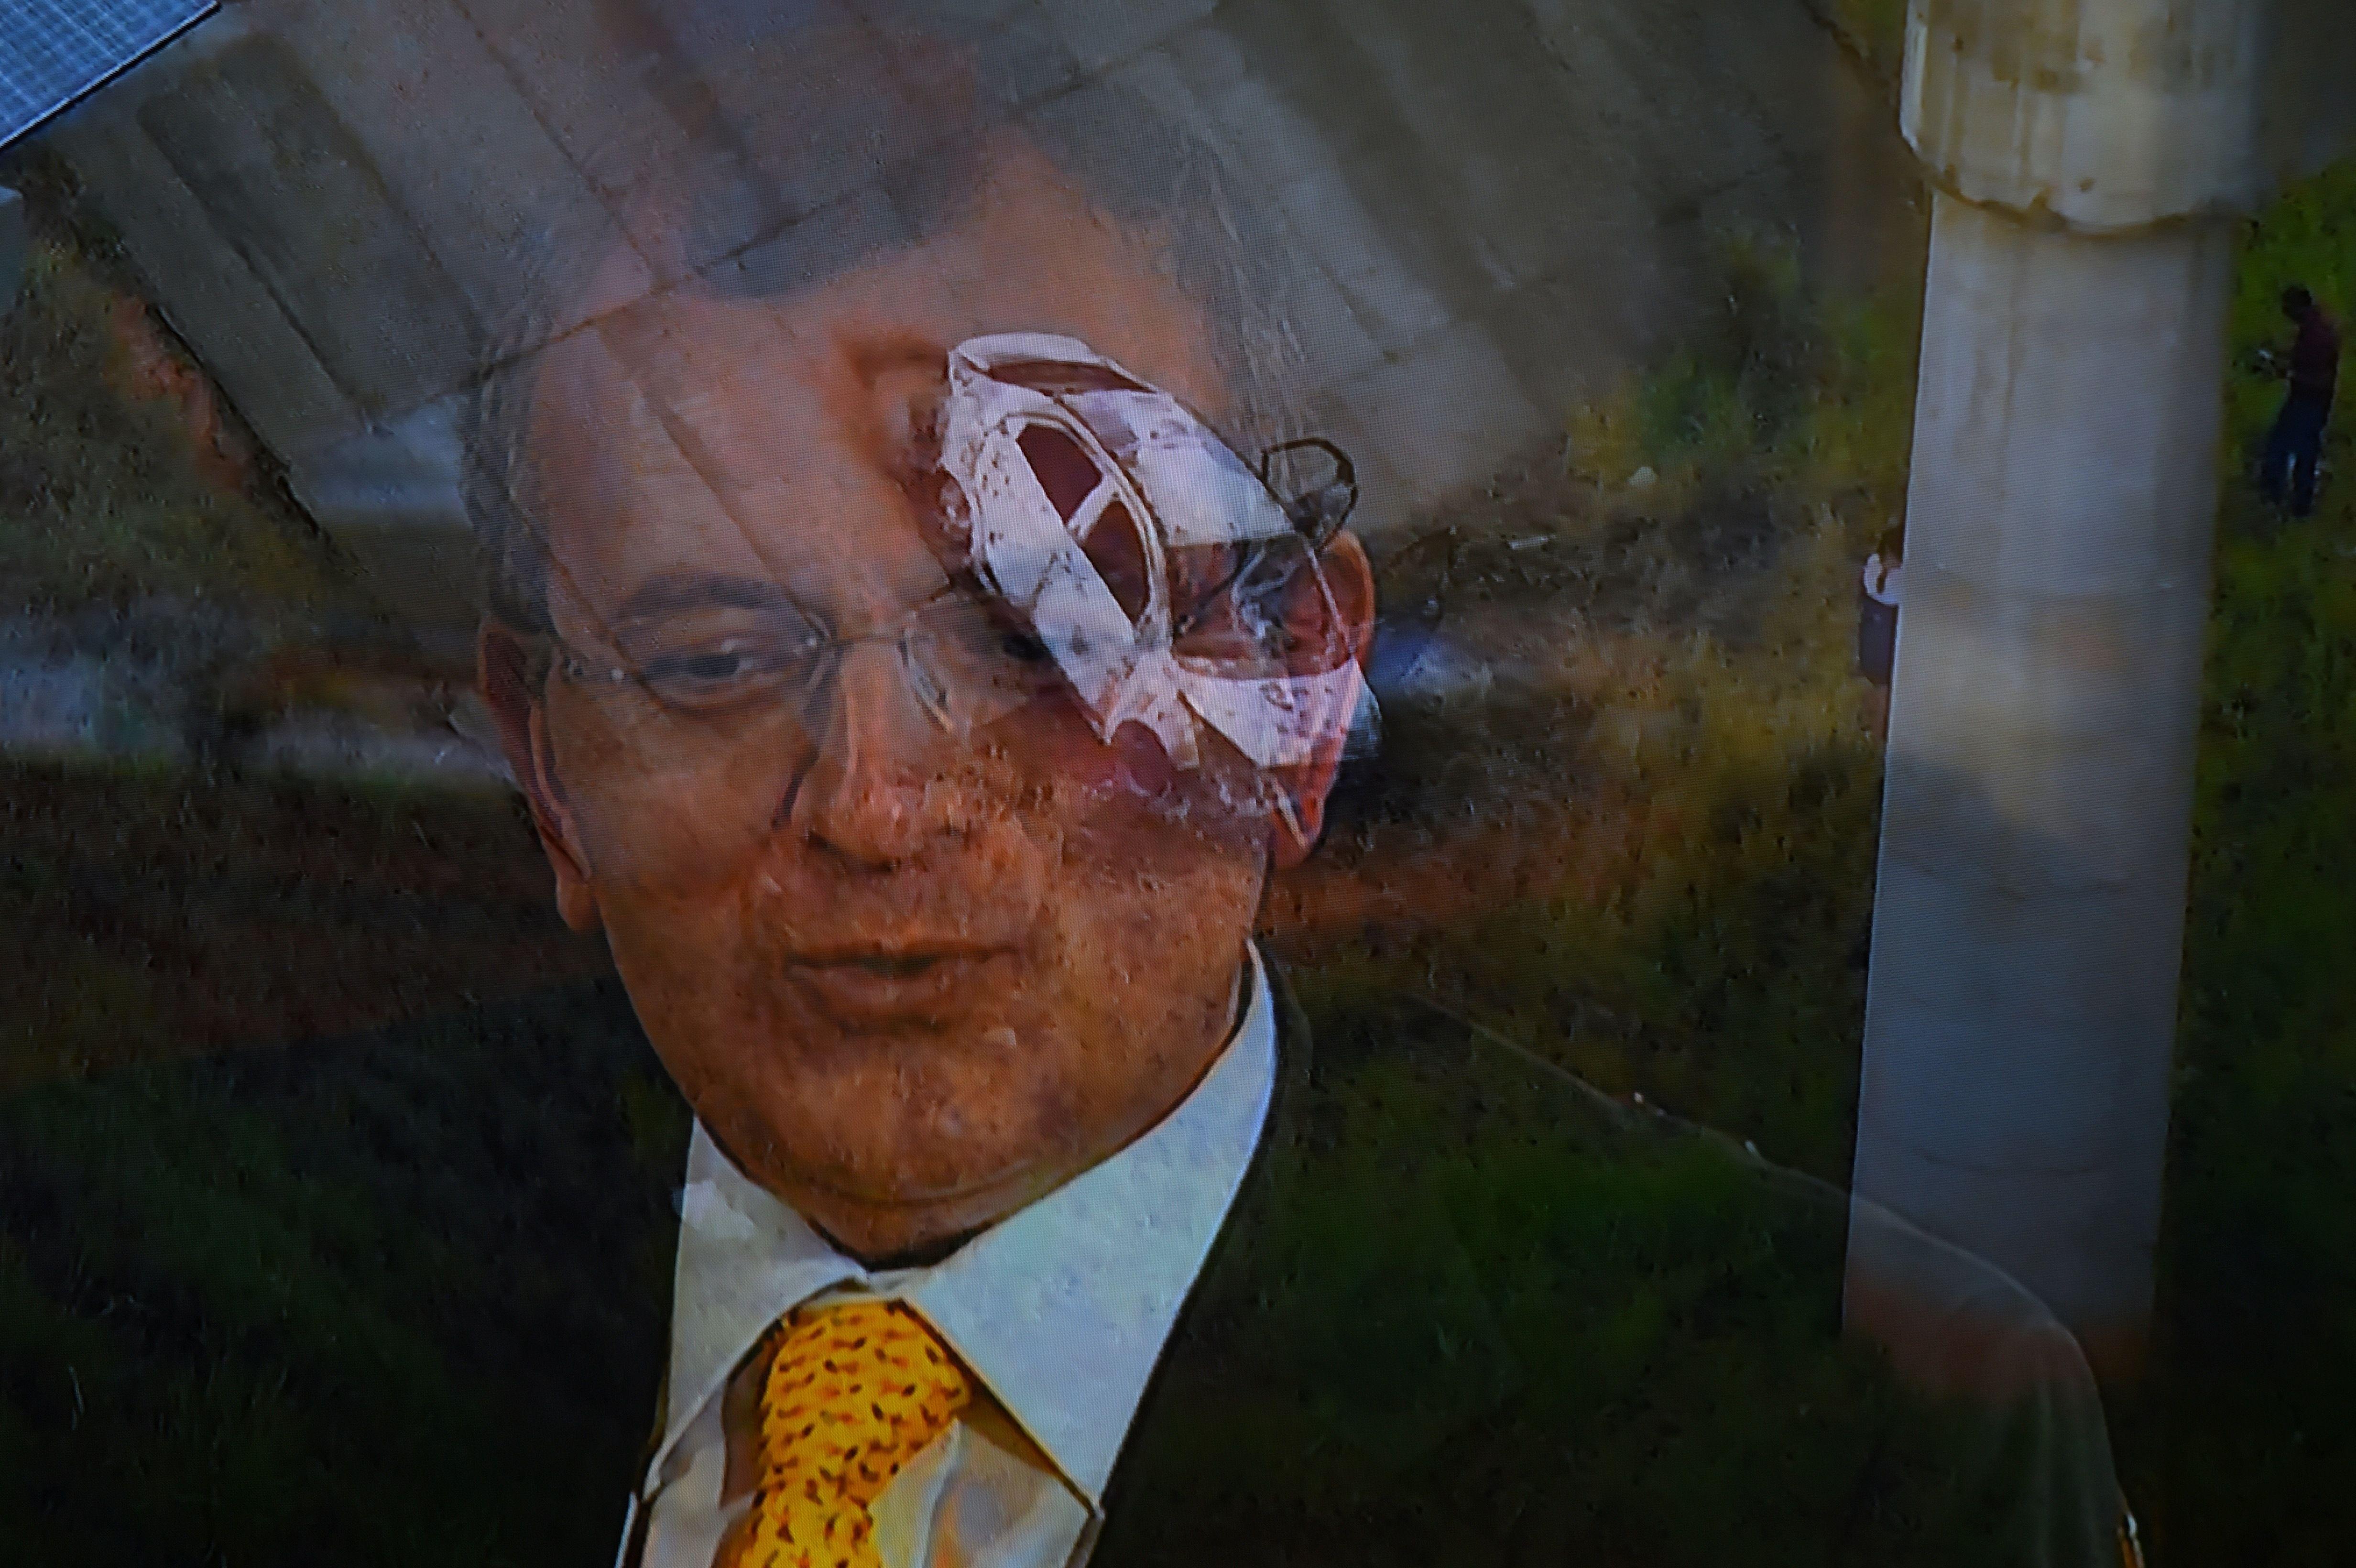 Kyriakos Amiridis y el auto en el que fue hallado asesinado